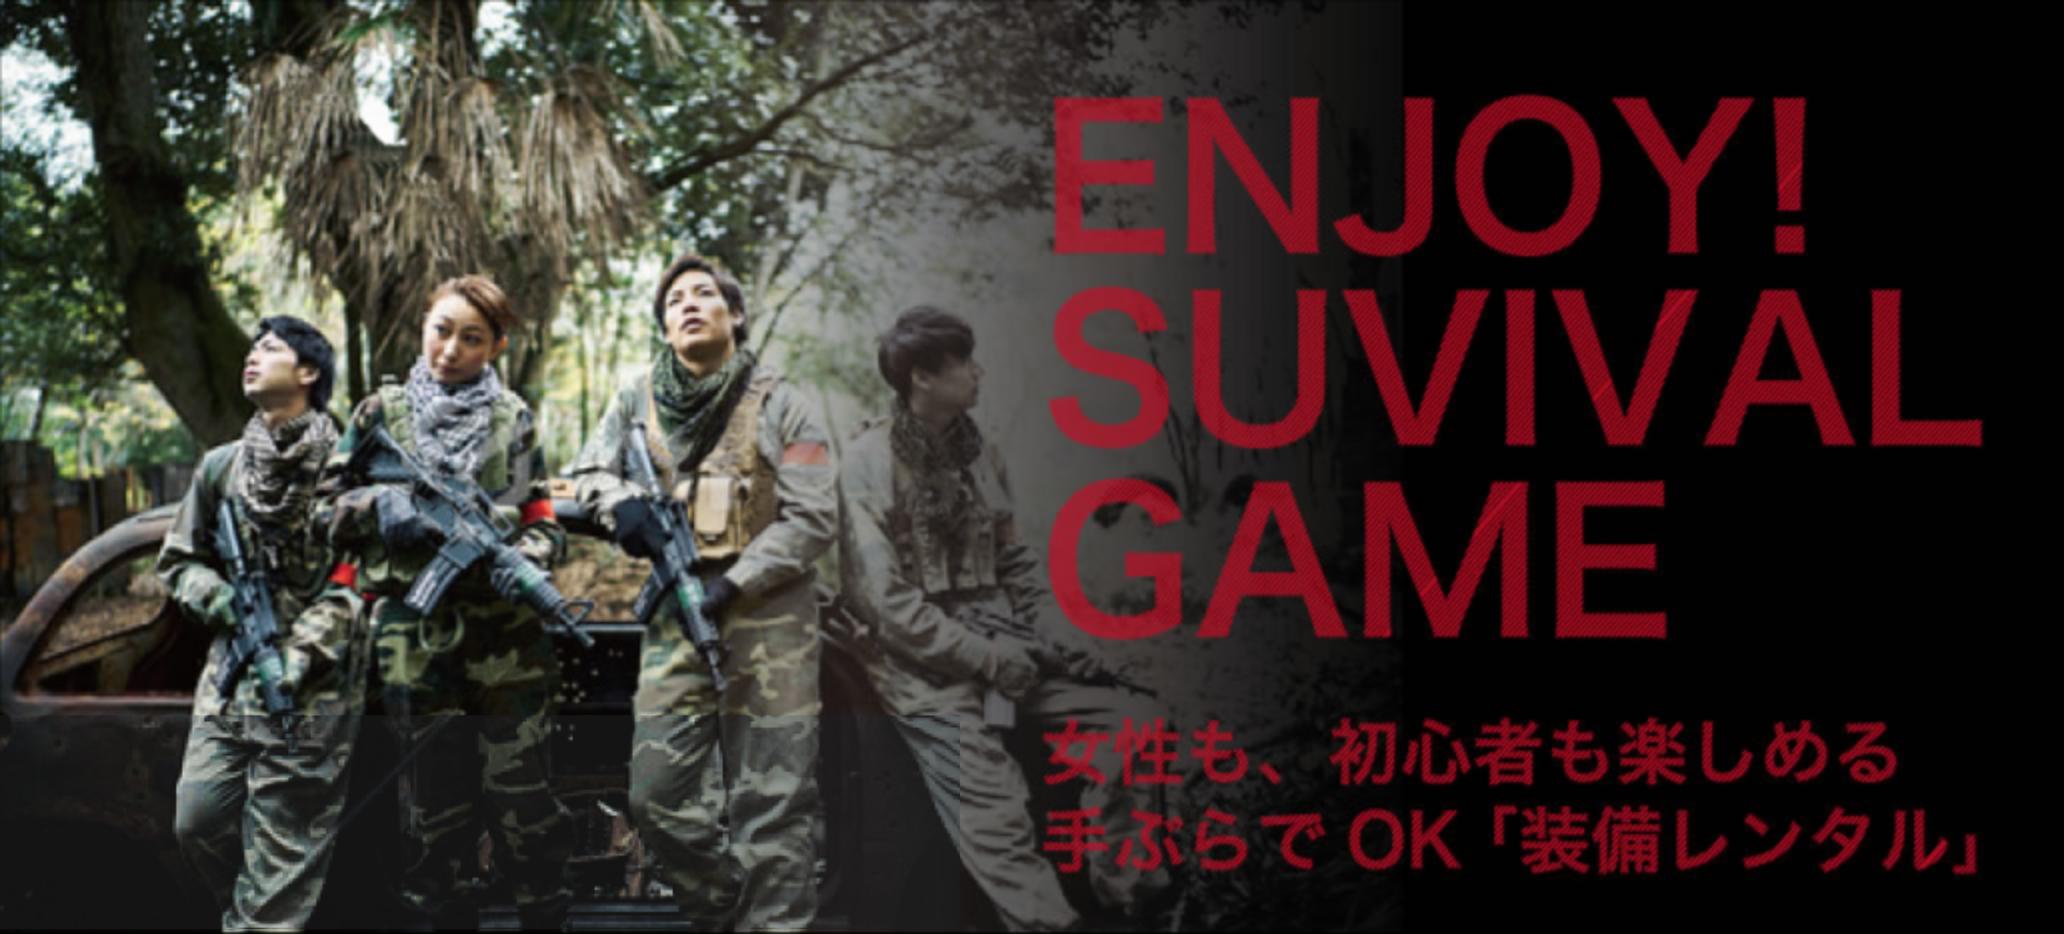 福島県白河市のサバイバルゲームフィールド「Battle Flag」 初心者・女性からマニアまで楽しめるフィールドとなっています! レンタル品のご用意もあり、手ぶらでご利用できます!-サバイバルゲームフィールド バトルフラッグ-